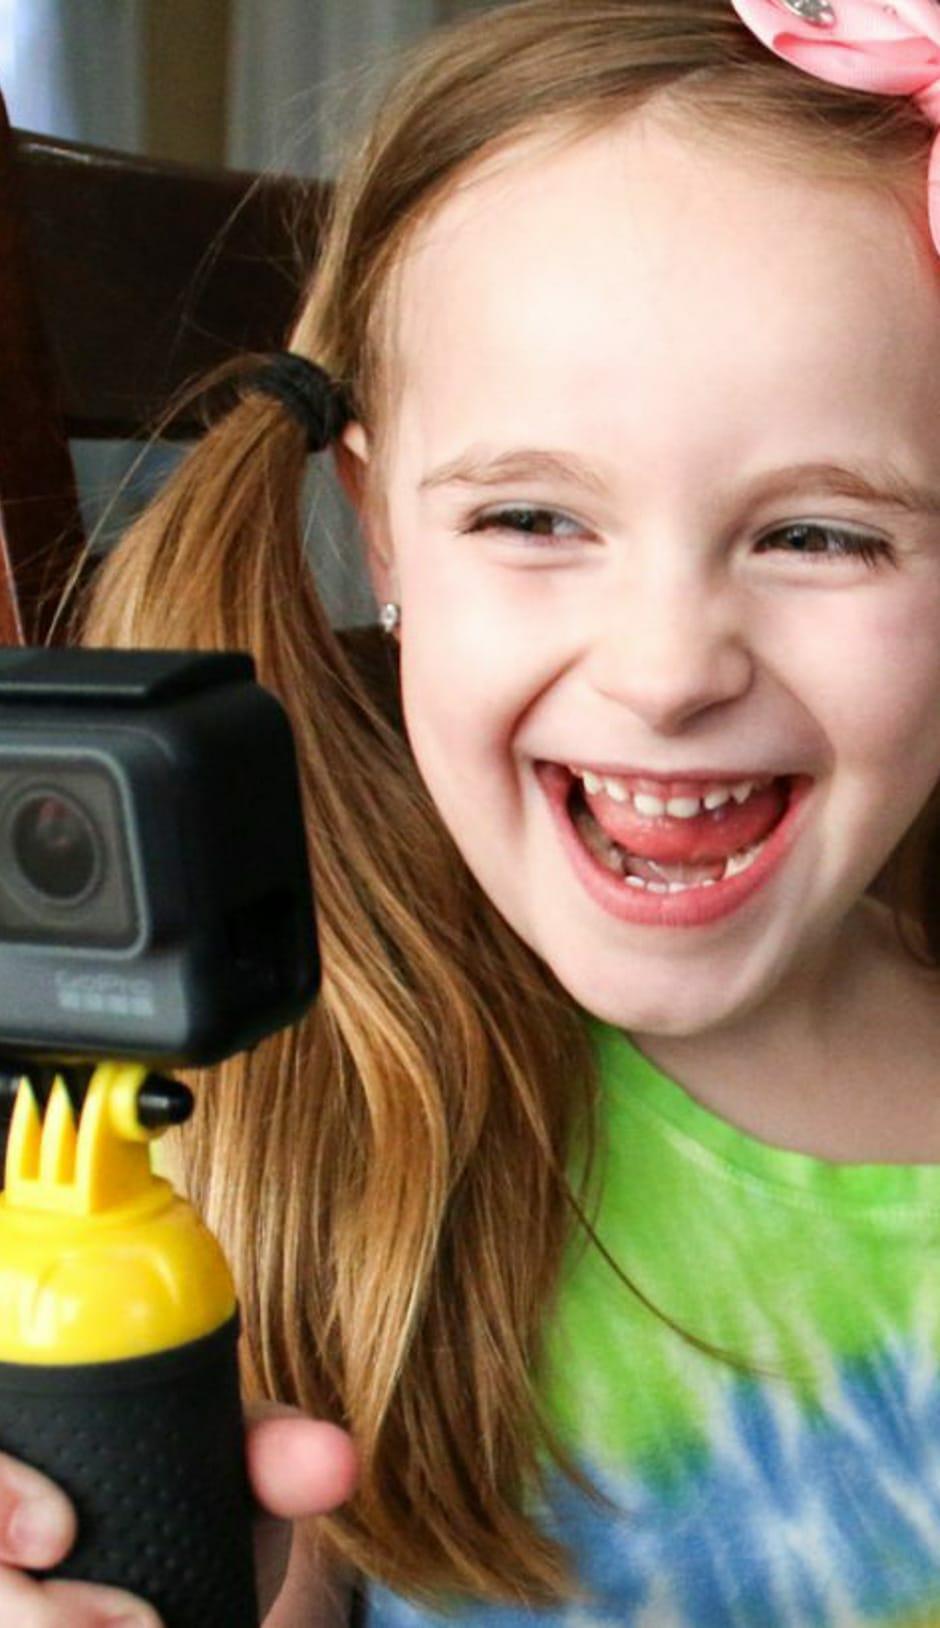 Girl recording a video